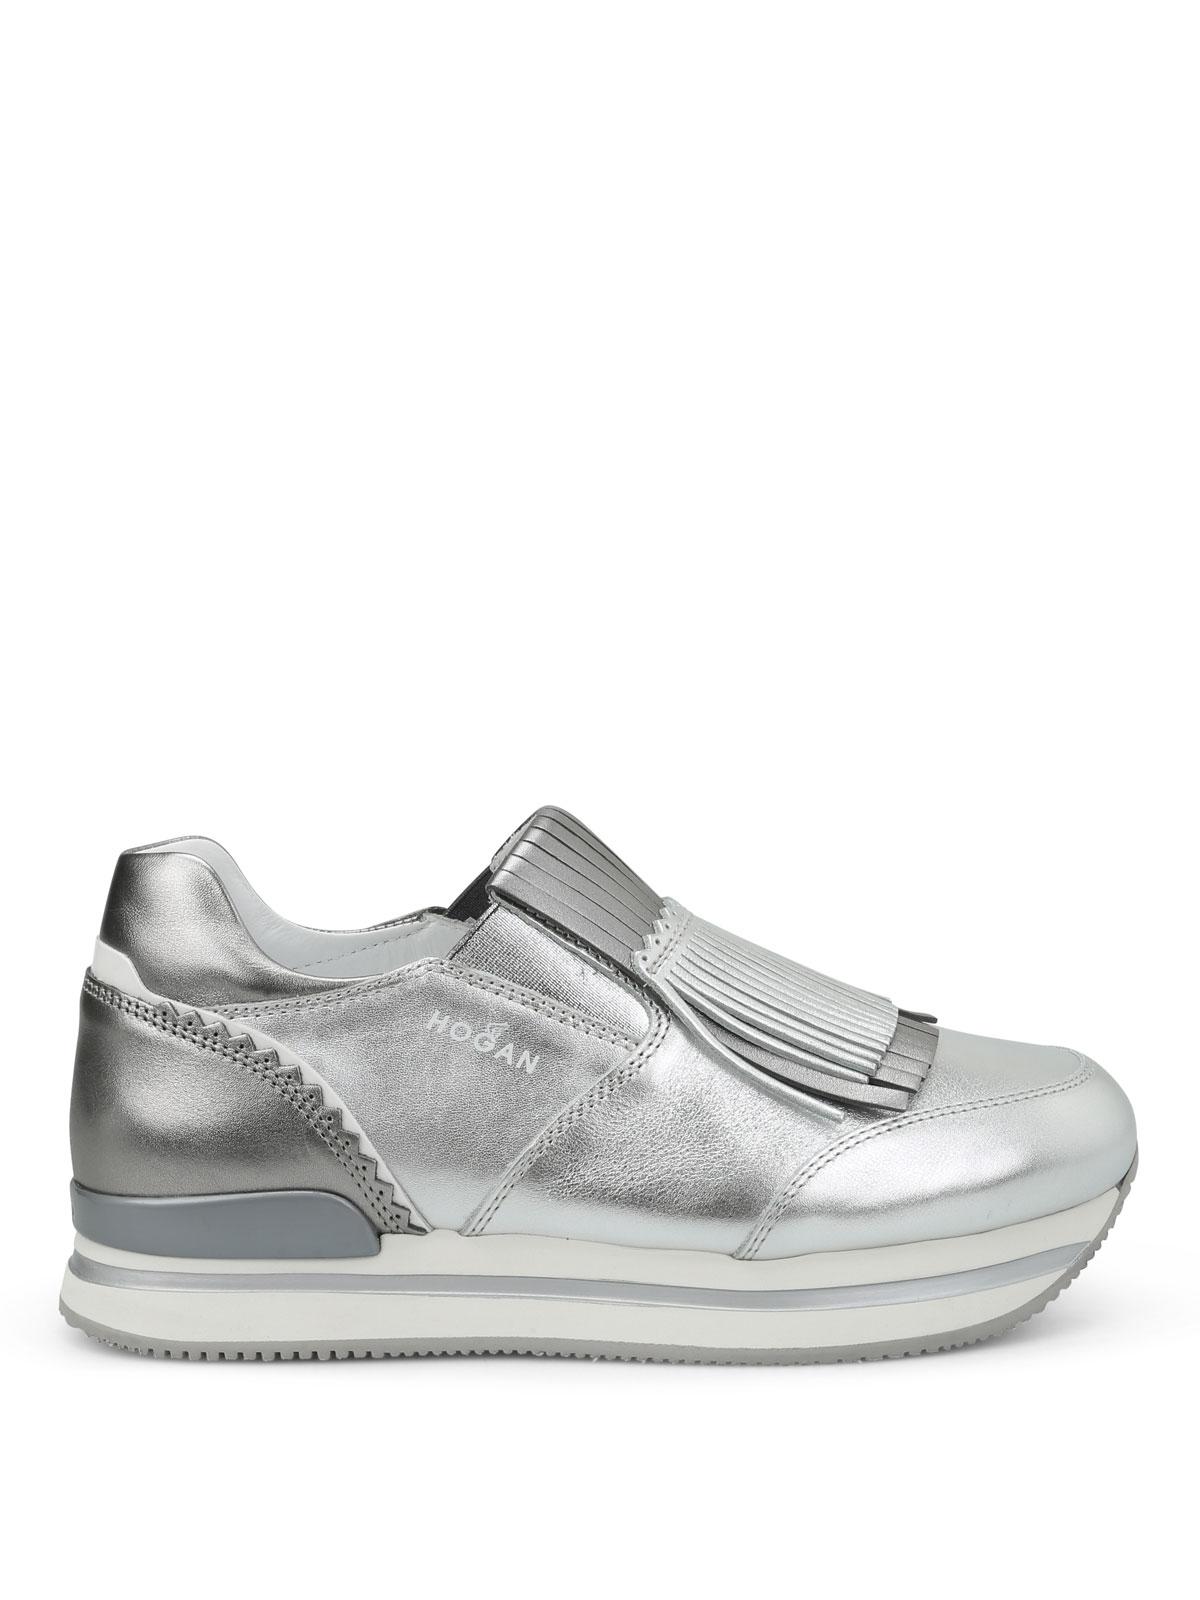 Sneakers Hogan - Slip-on H222 in pelle con frange - HXW2220X170FQC6798